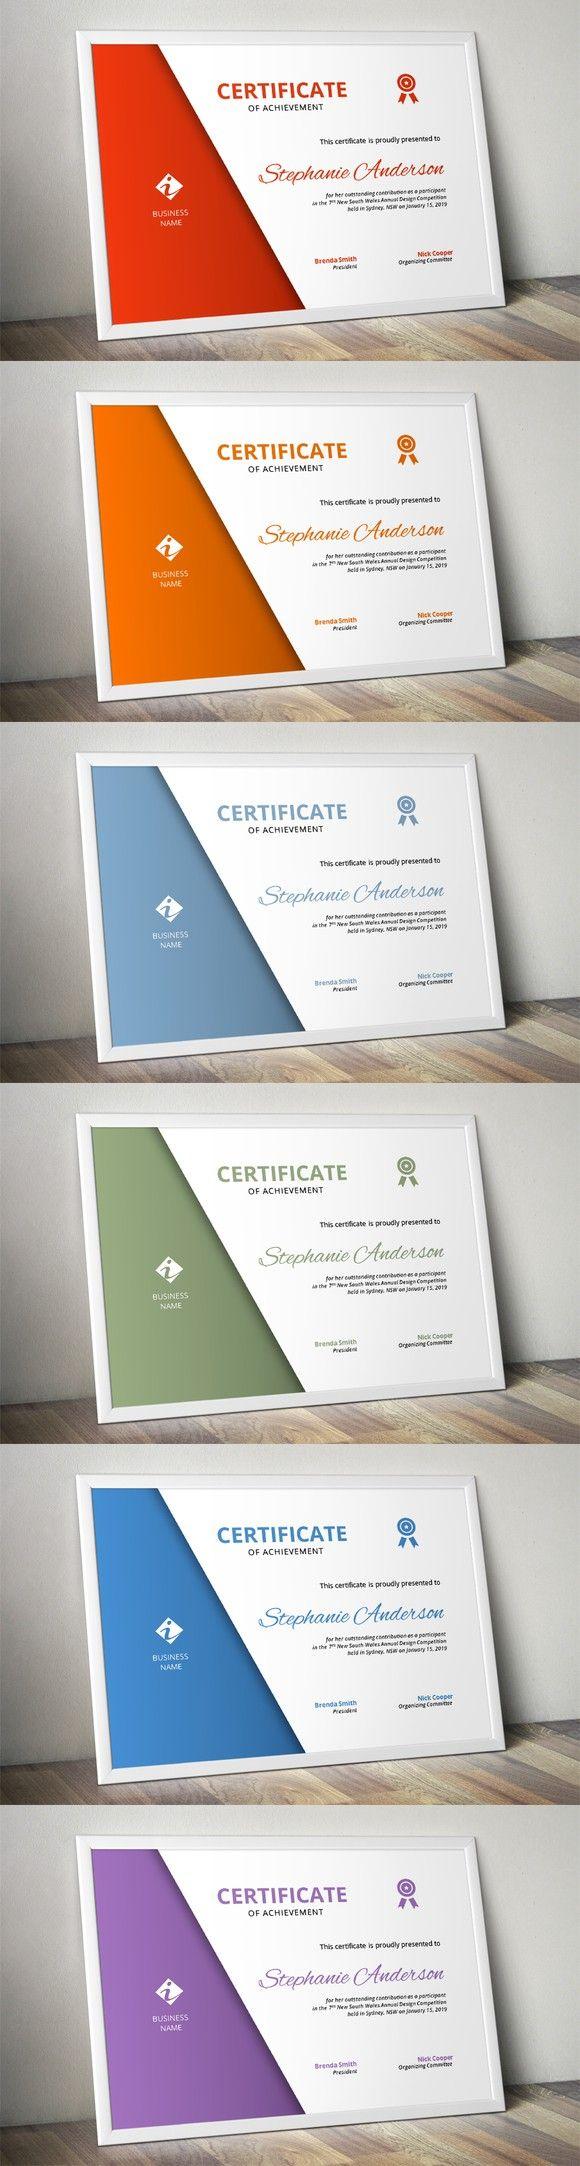 25 best ideas about Certificate Templates – Corporate Certificate Template